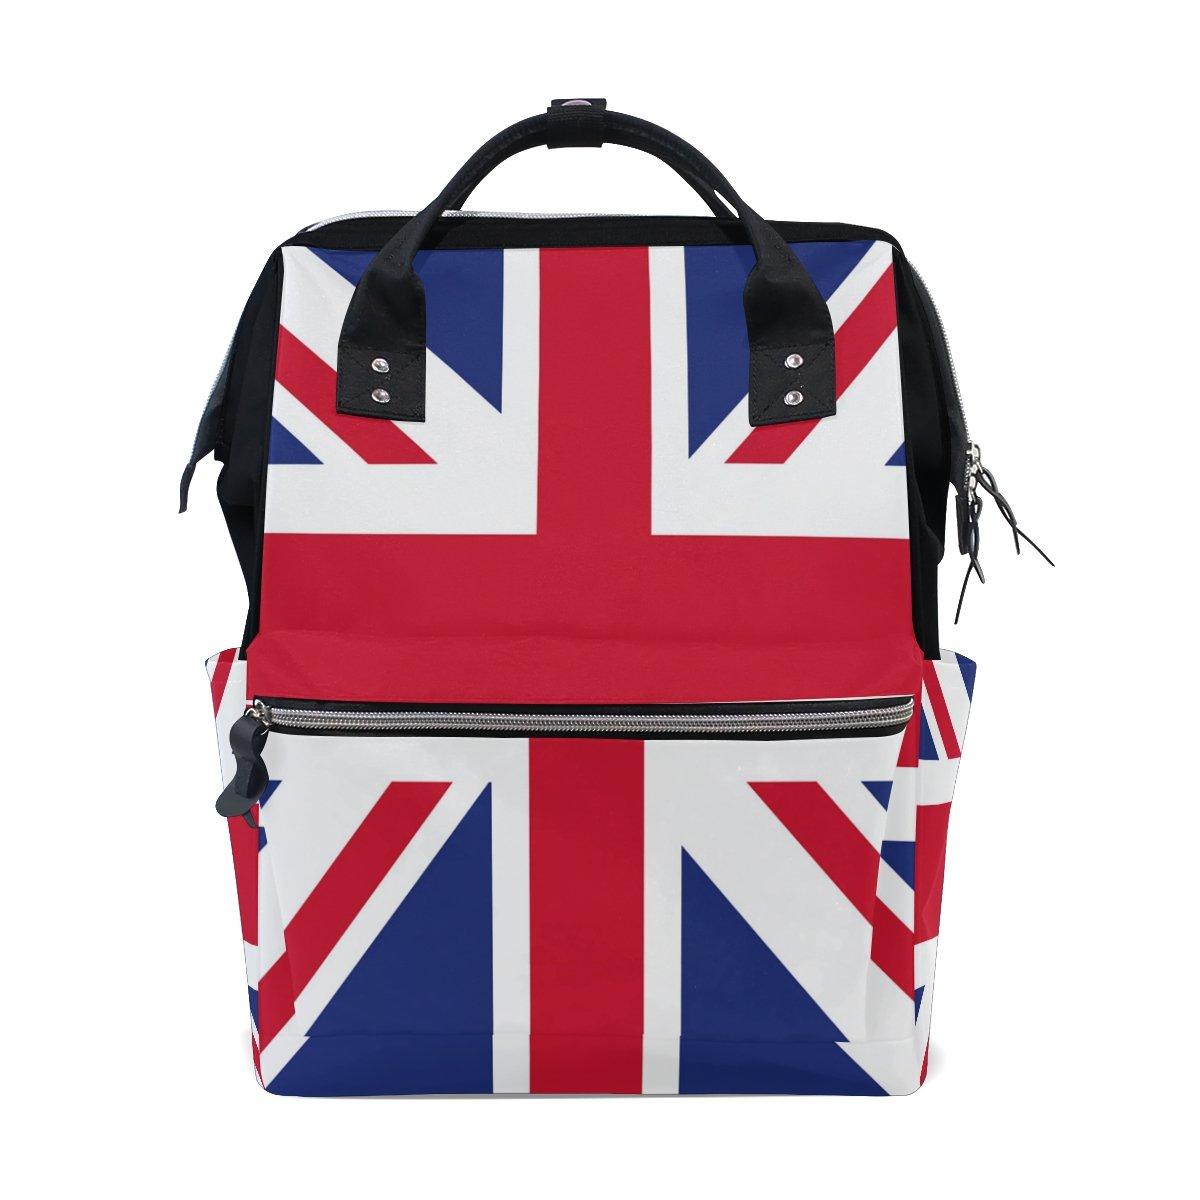 Wozo UK Flagイギリス国旗多機能おむつバッグバックパック旅行バッグ   B07D6L1N49